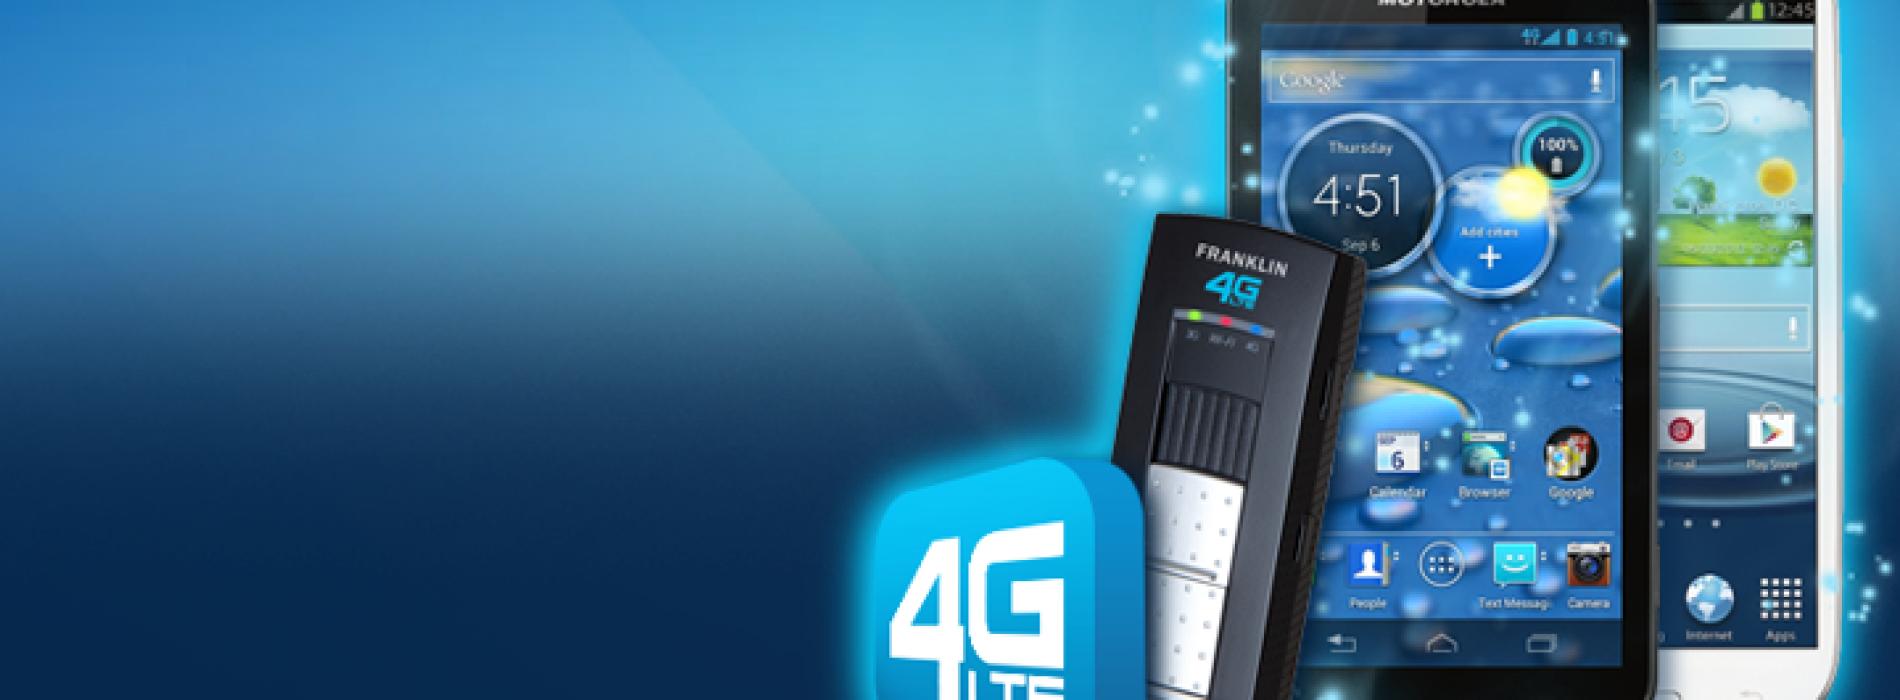 C Spire's 4G LTE network begins deployment